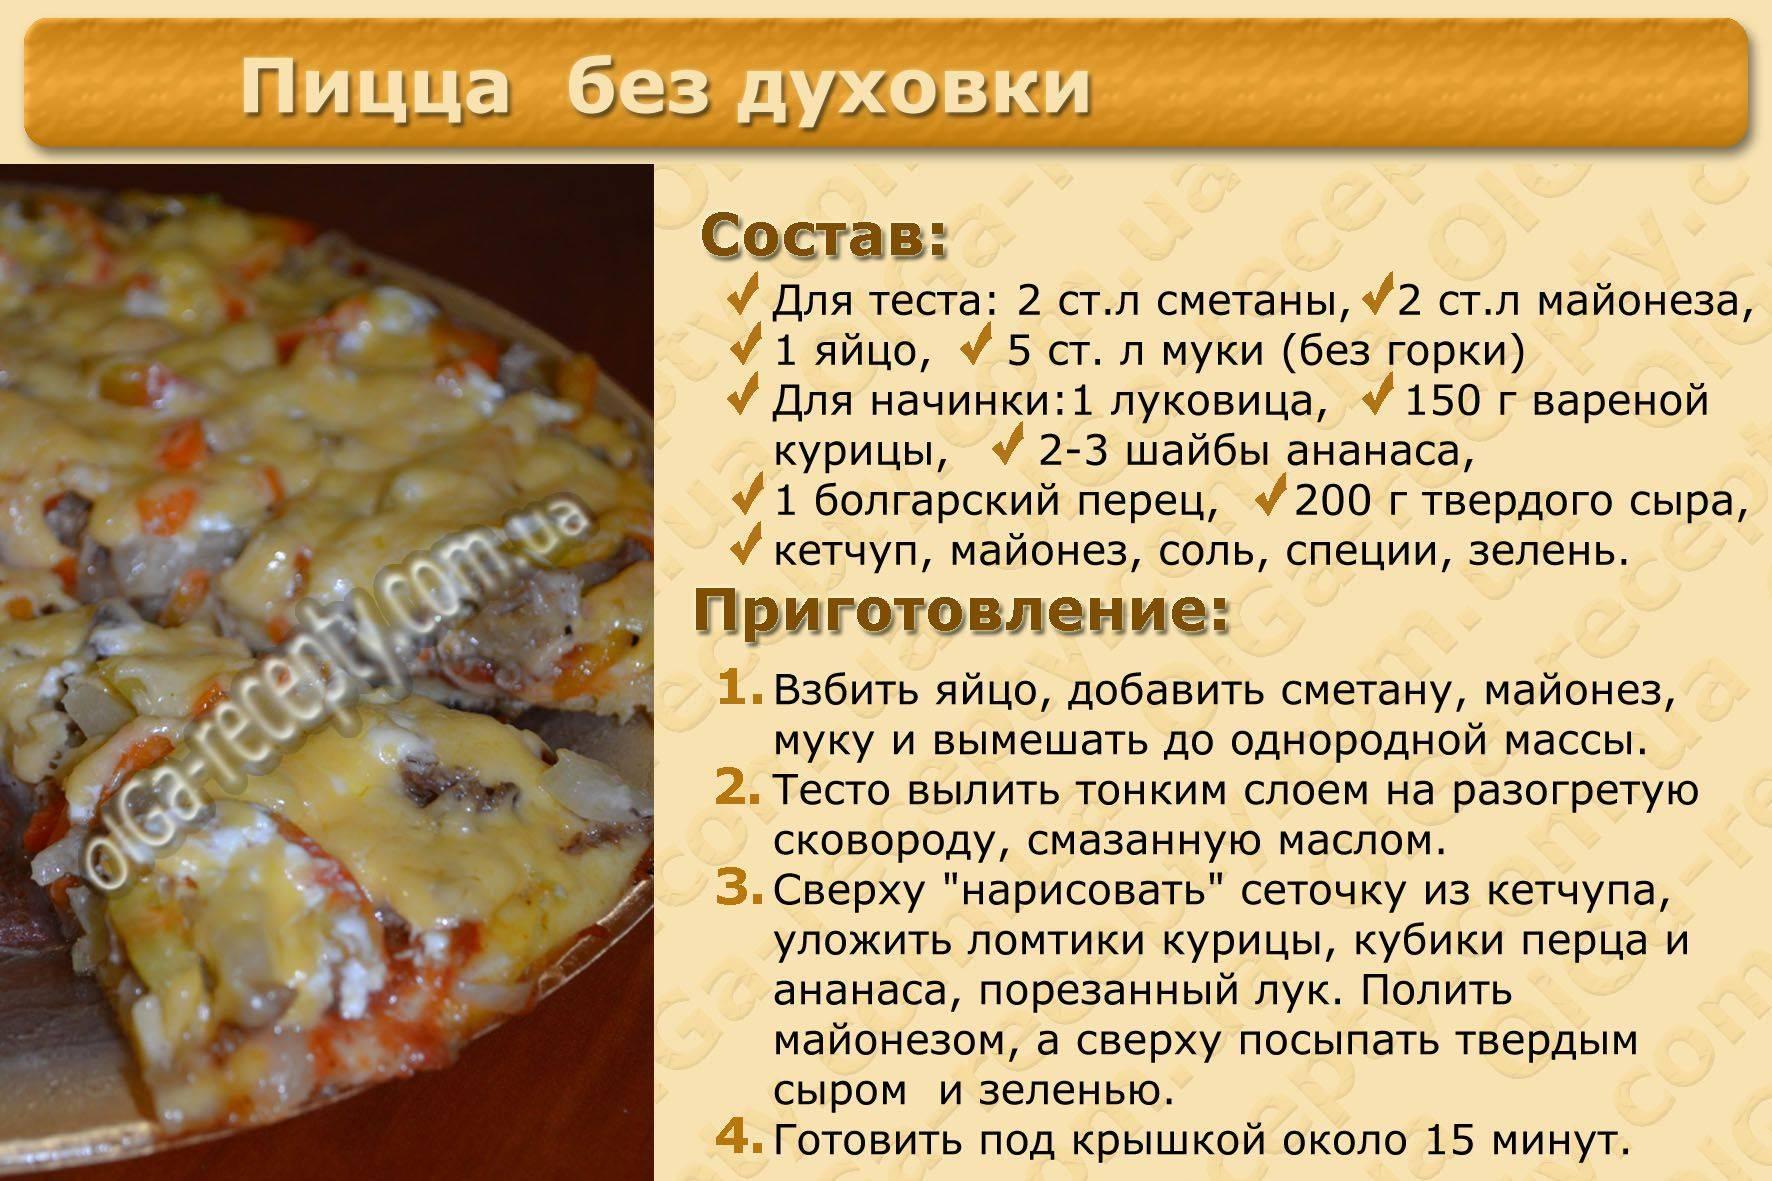 Сайда: что за рыба и ее как готовить: пошаговые рецепты с фото